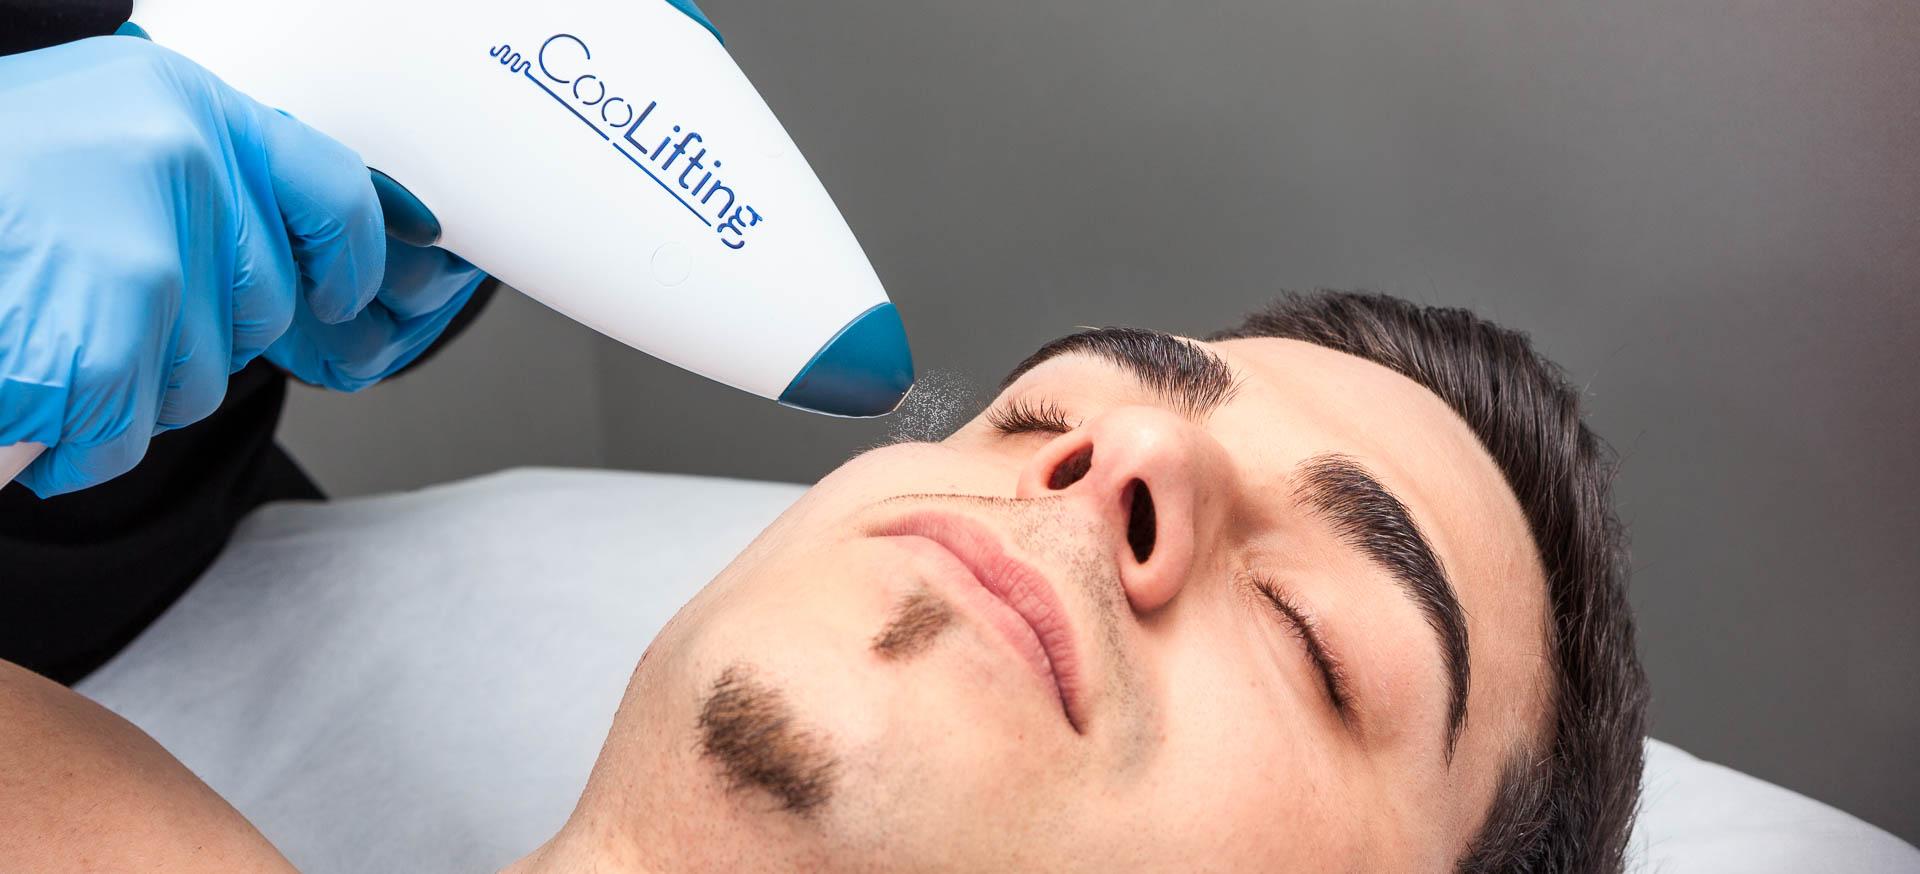 Coolifting, rejuvenecimiento, rejuvenecimiento facial, tratamiento facial, tratamientos faciales, tratamiento estetico, Tratamientos esteticos, Centro de Estética, Estetica Avanzada, Tratamientos de estetica, Atelier de estetica